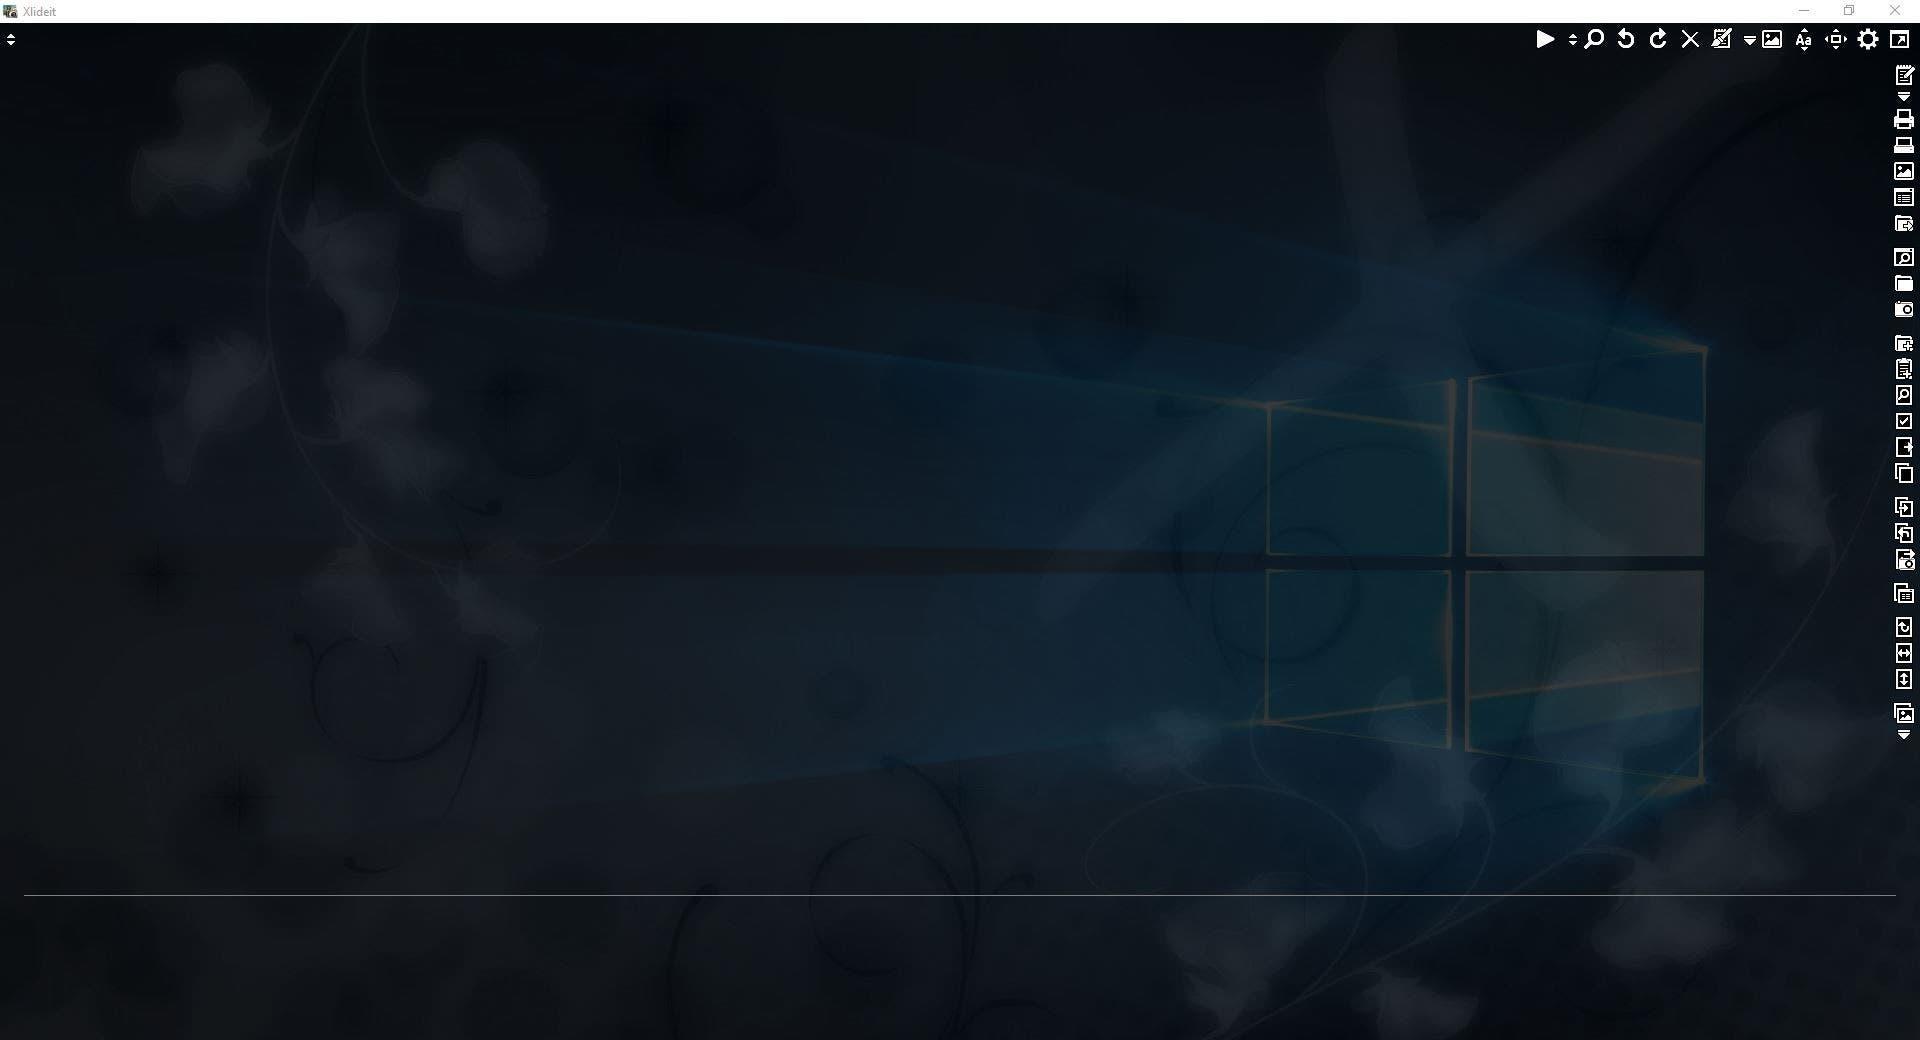 Xlideit Image Viewer es un visor de fotos, editor, reproductor de vídeo y música de código abierto